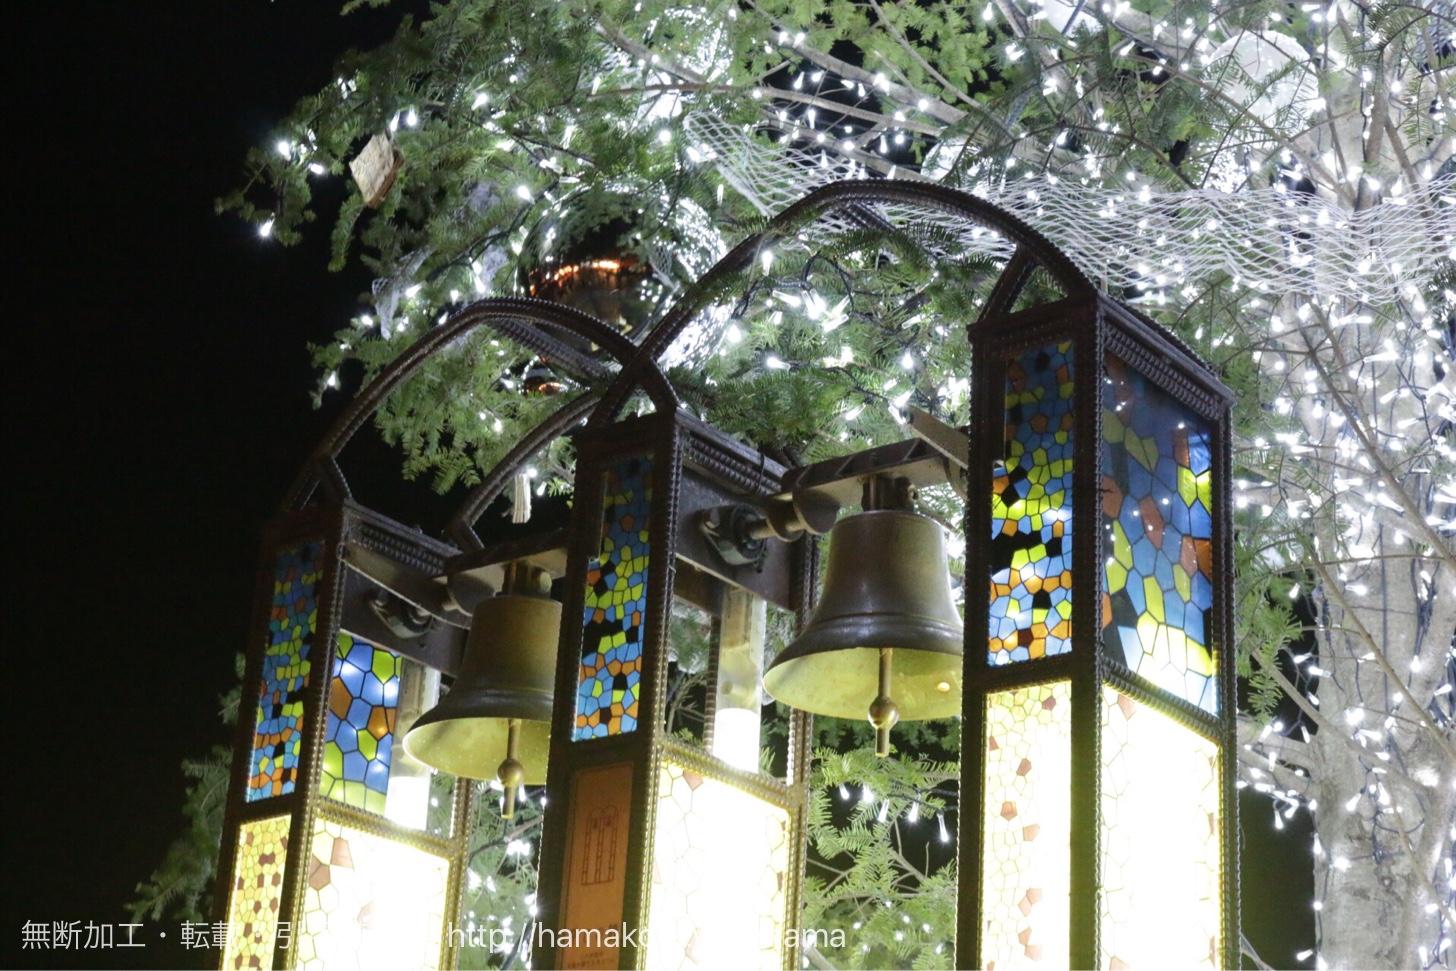 クリスマスマーケット クリスマスツリーのベル